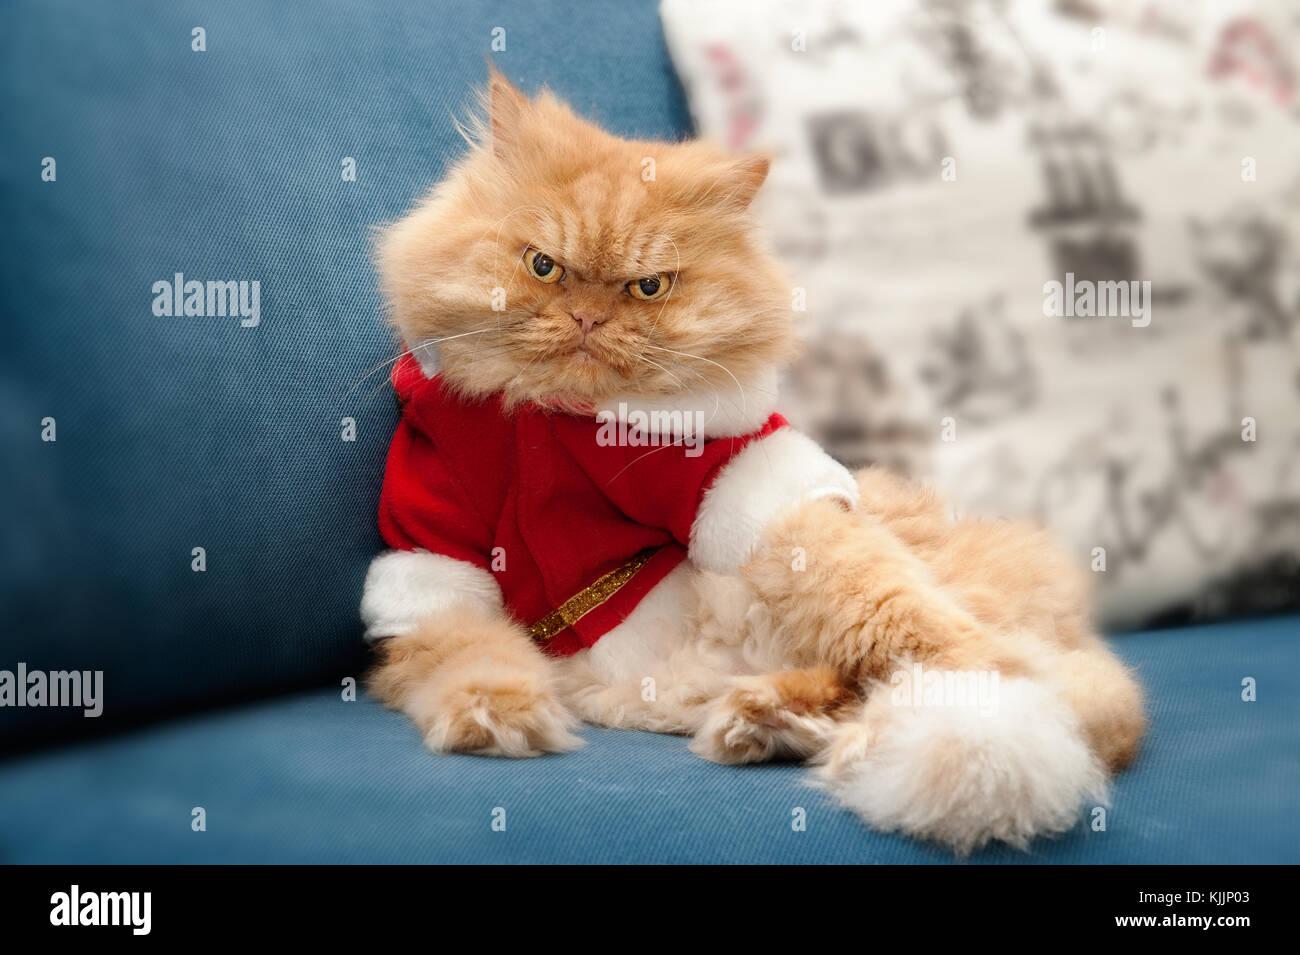 Perser Katze mit Santa Claus Kostüm sitzen auf der Couch Stockbild